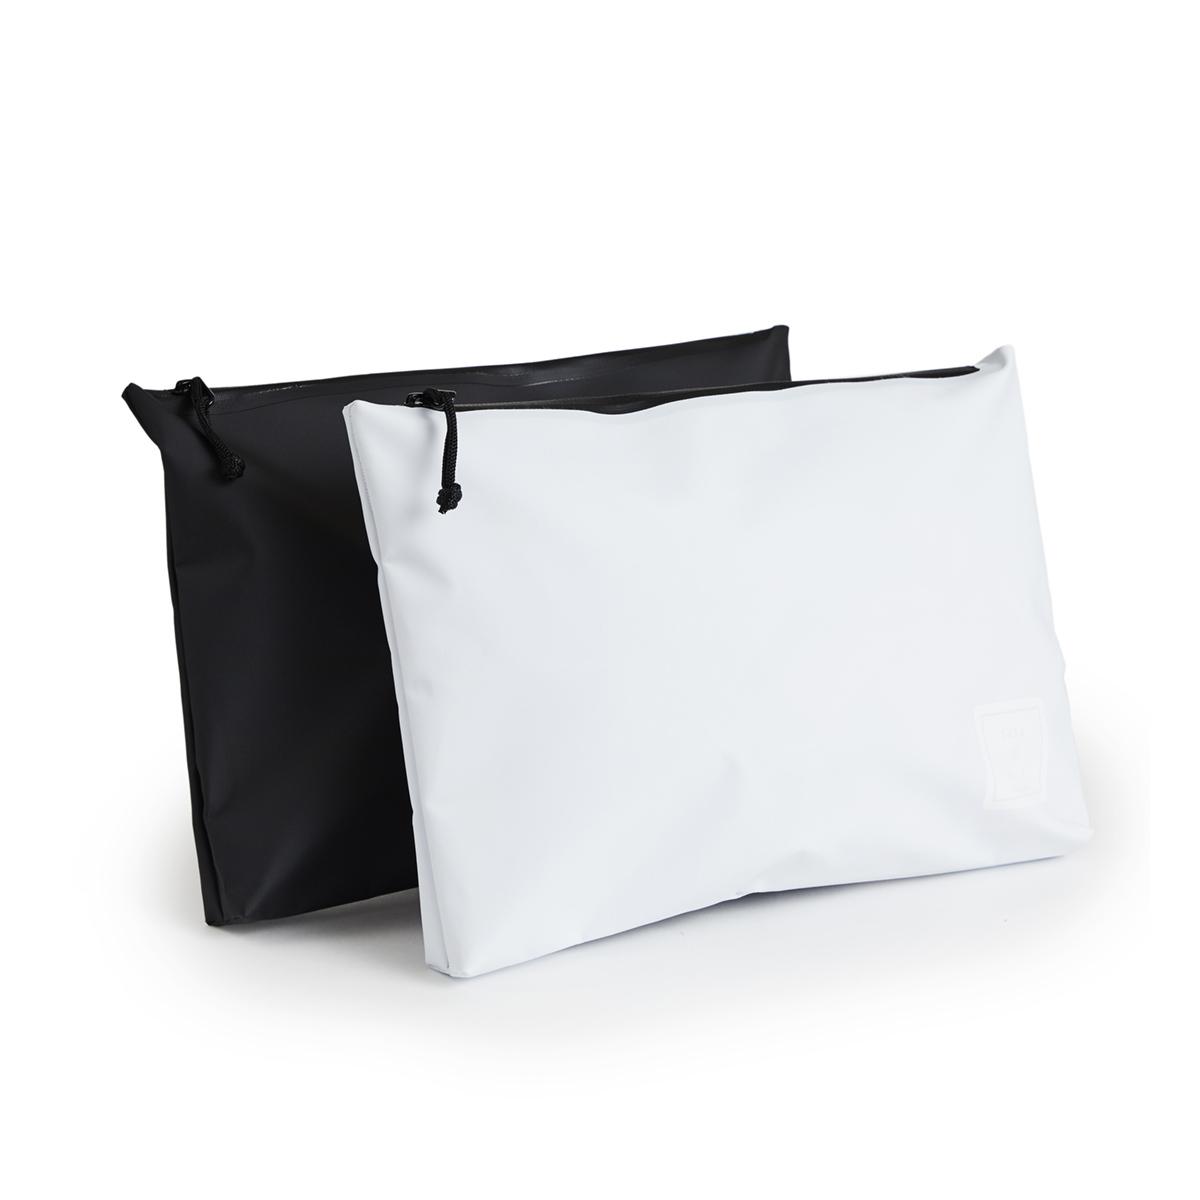 西海岸生まれの「都会派バッグ」|《クラッチバッグ》ウェットスーツの発明者が作った、防水・デザイン両立の「都会派バッグ」| BODY GLOVE